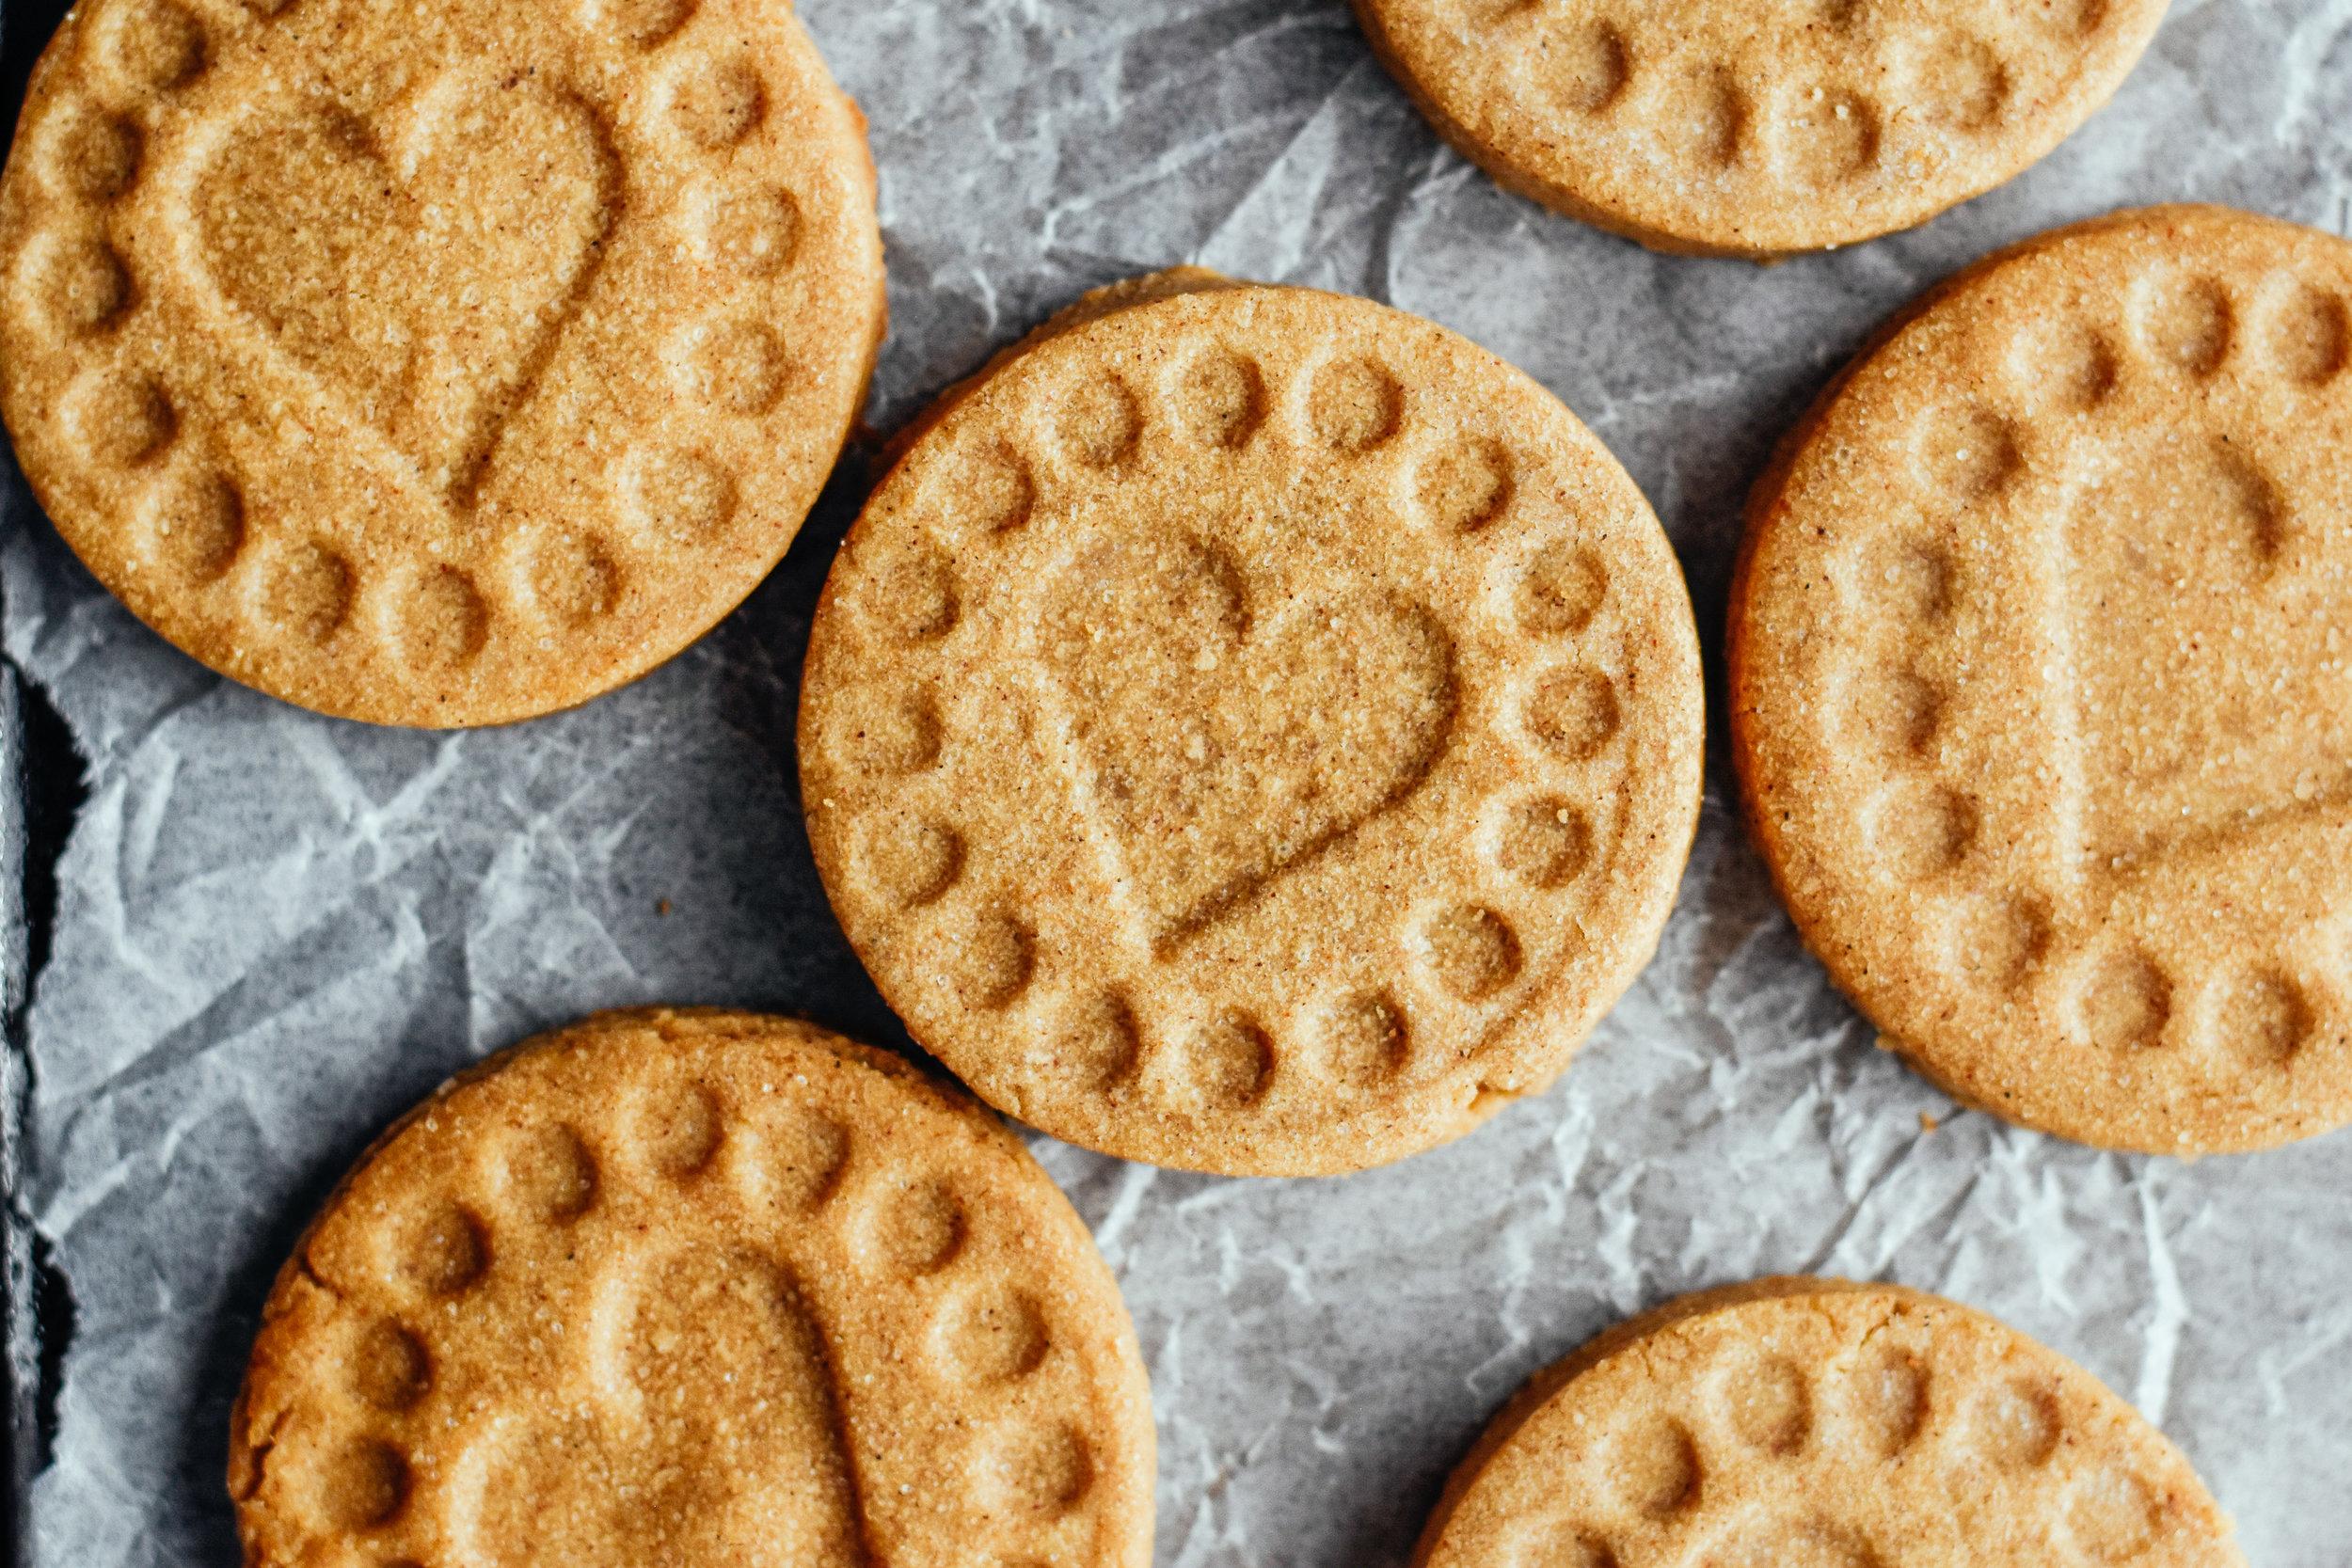 heartstampedcookies_thefarmersdaughter-8.jpg